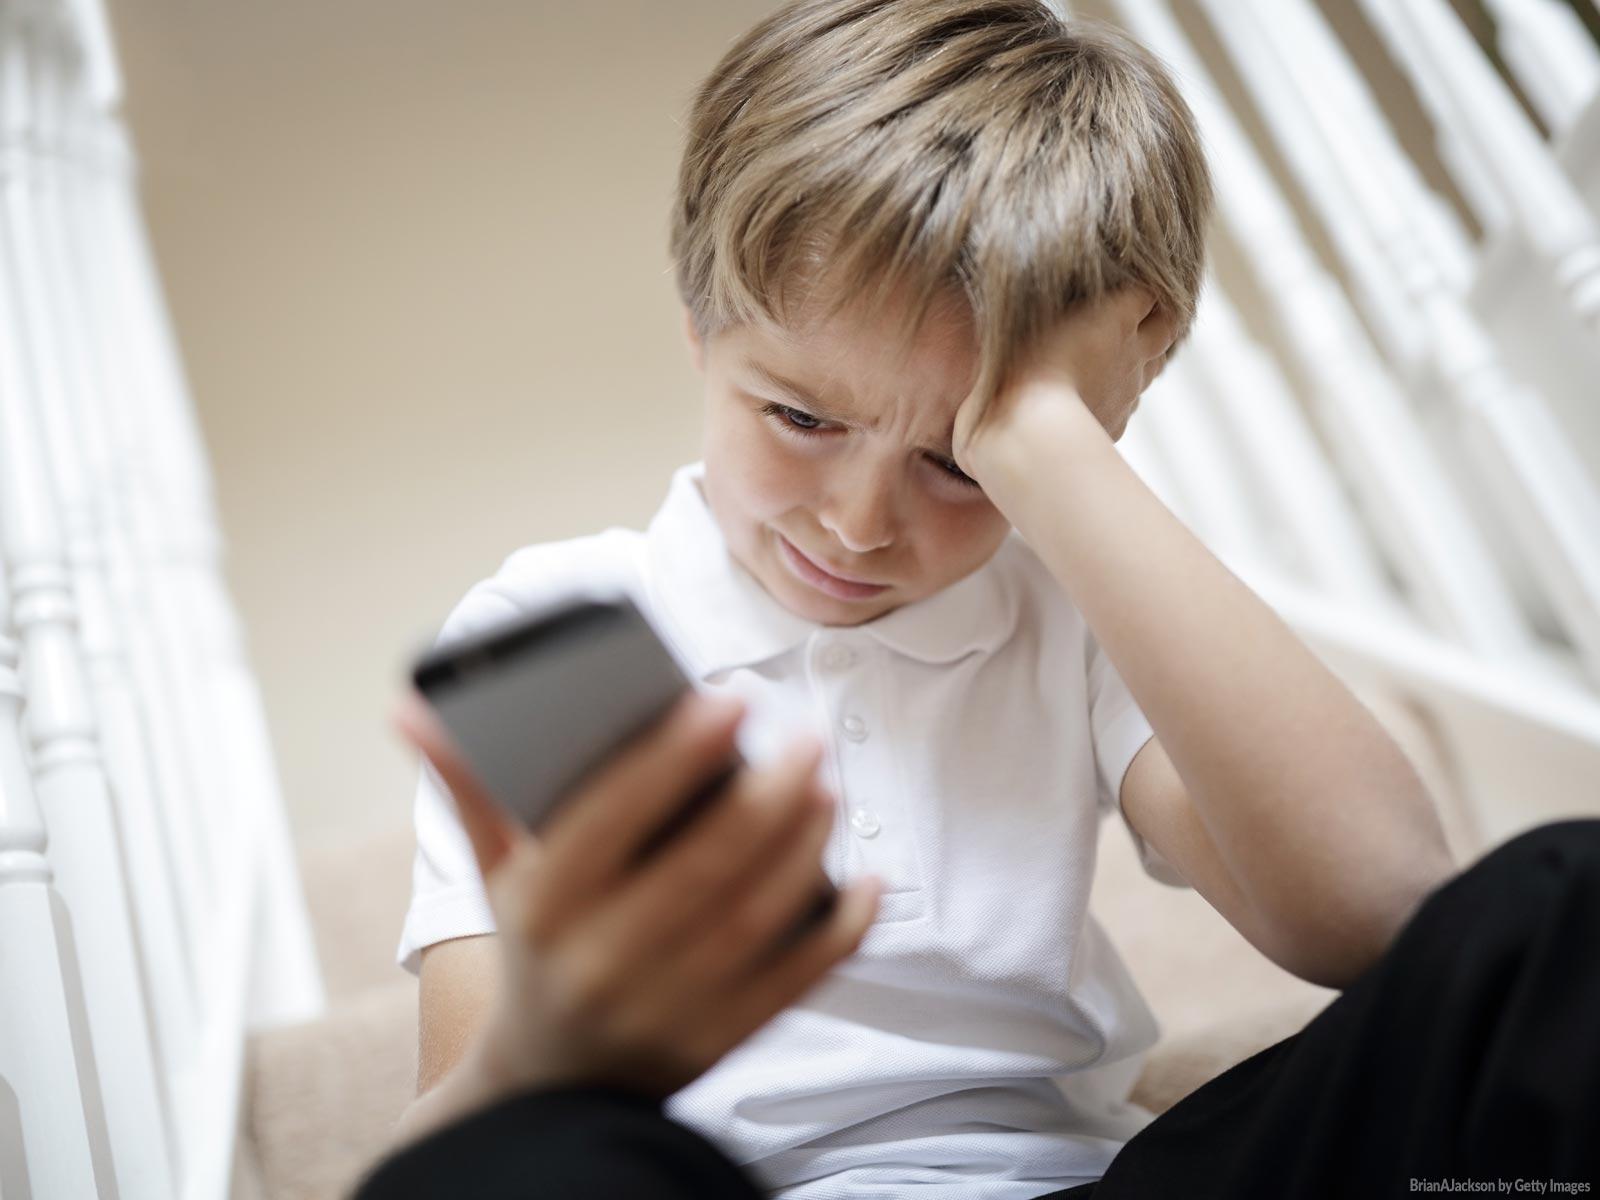 Tecnologia,-crianças,-adolescentes-e-ansiedade-o-que-fazer